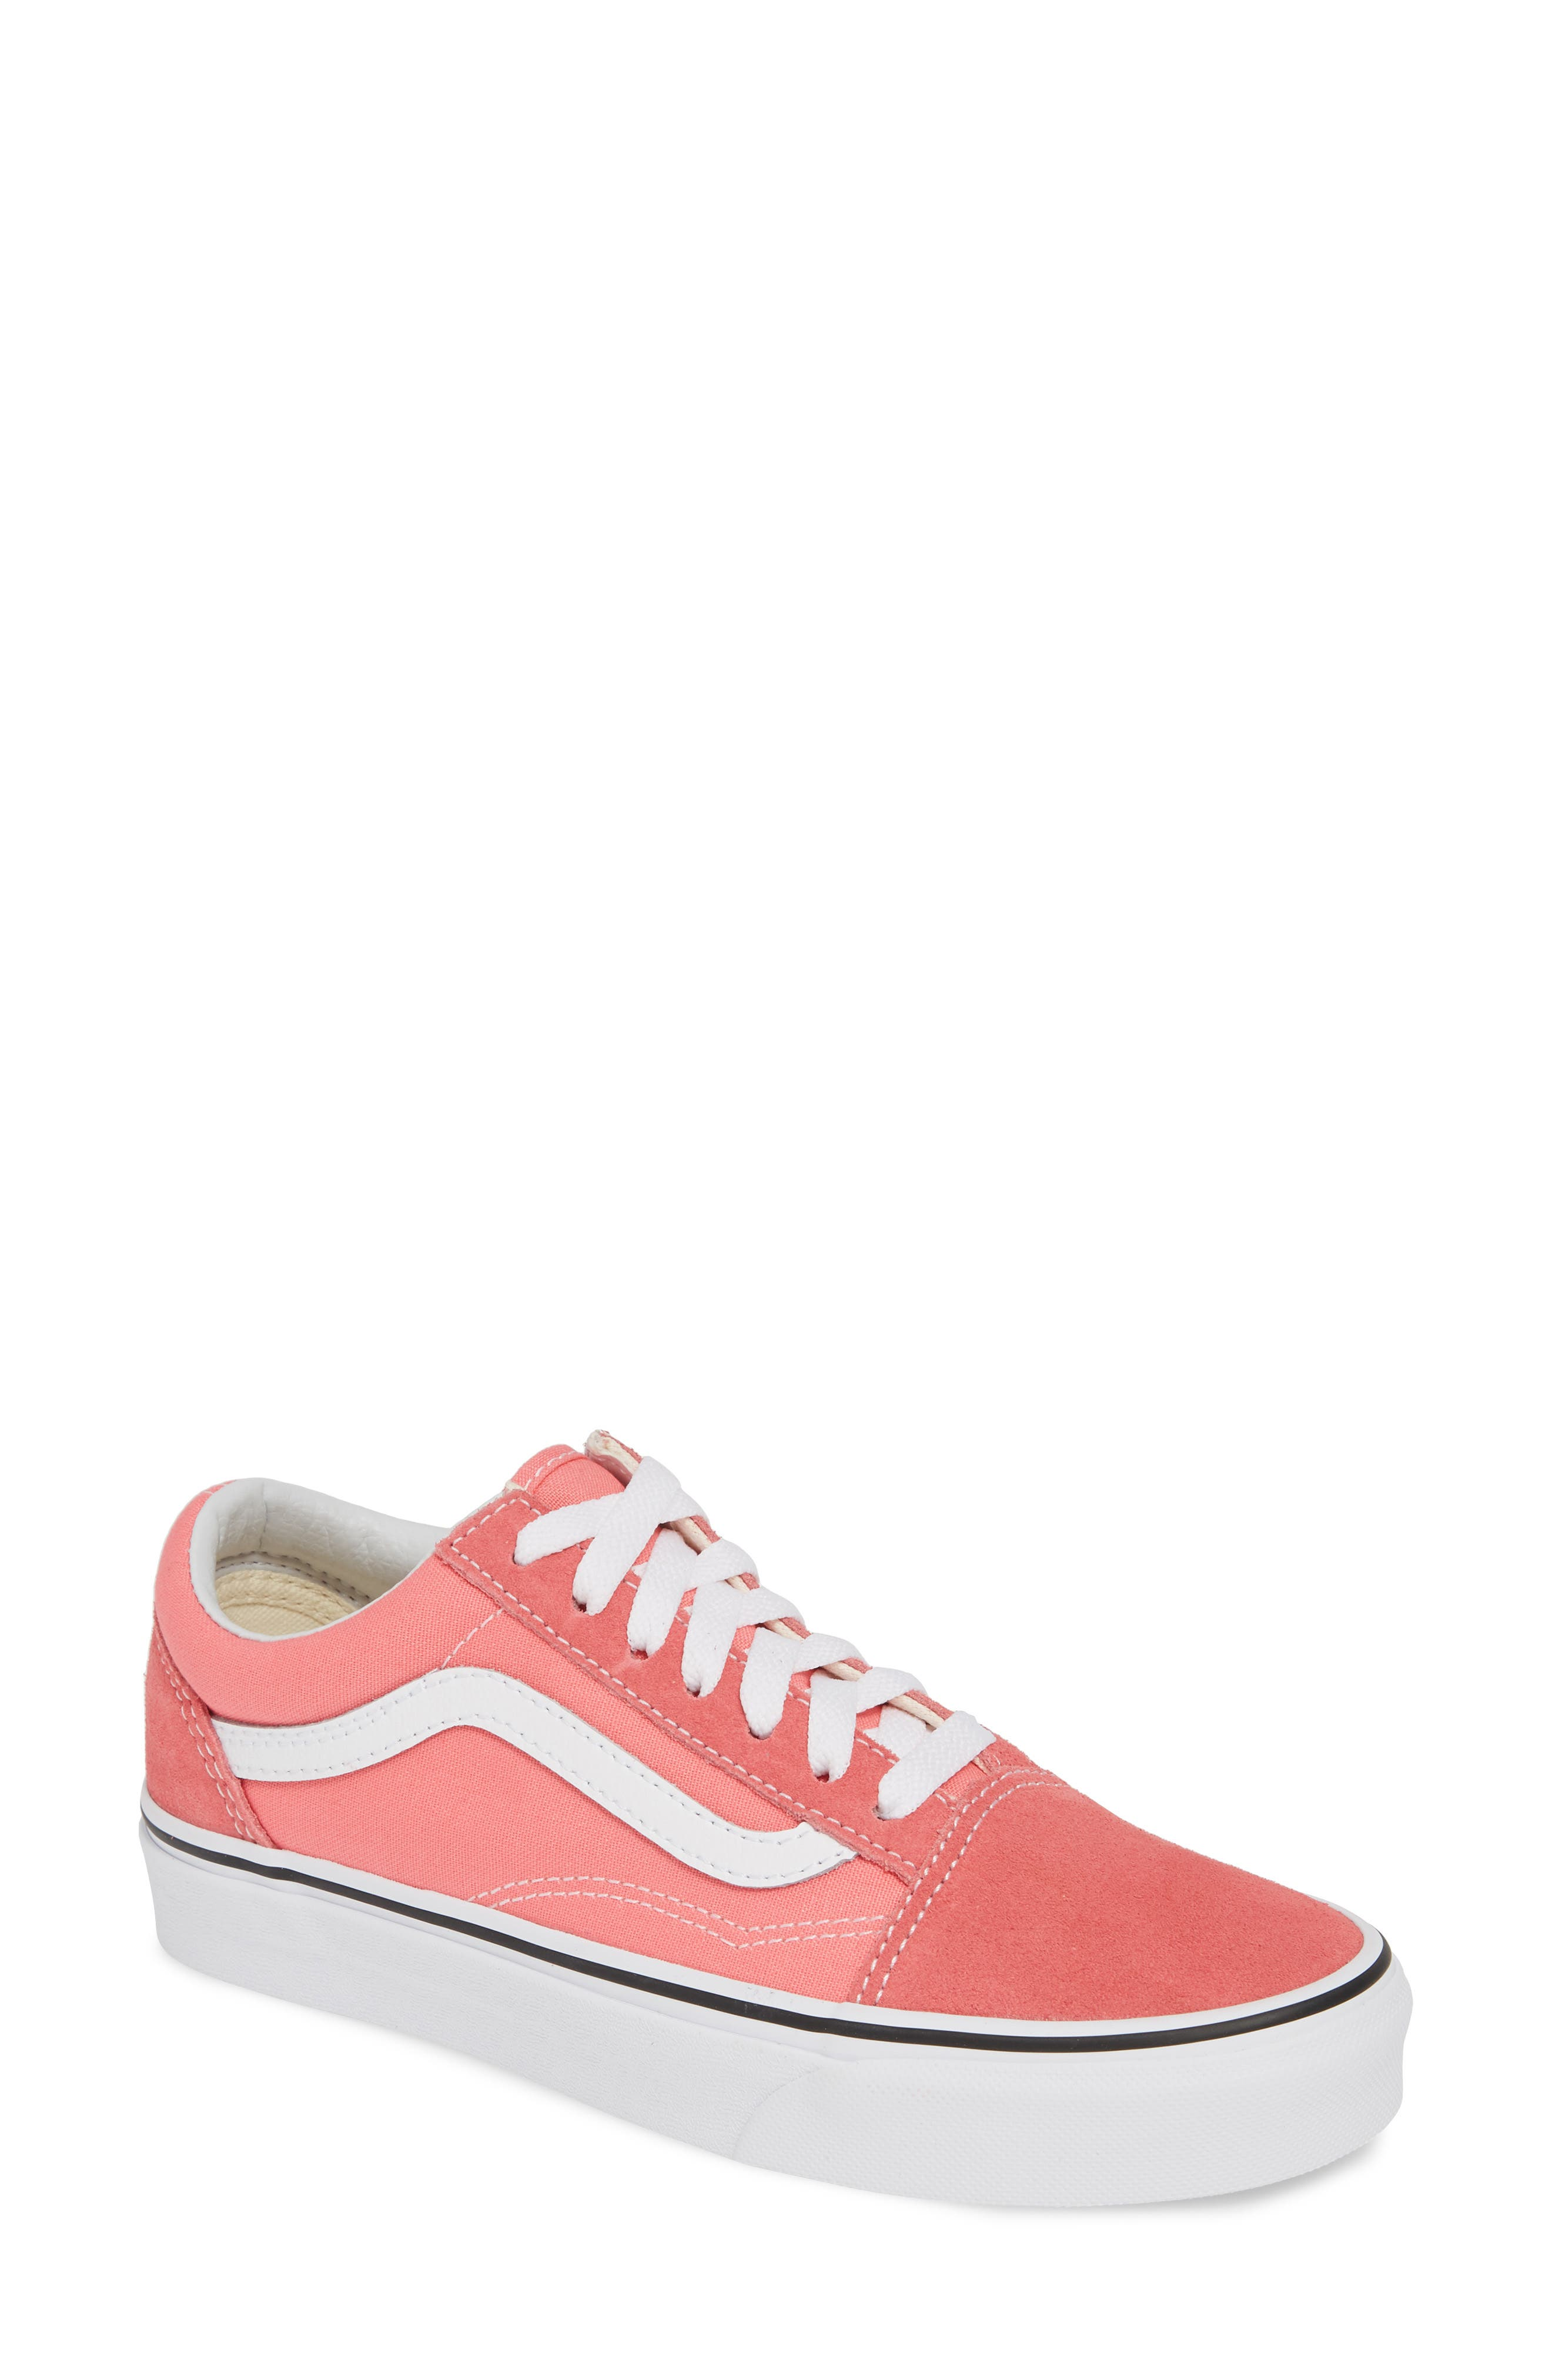 Vans Old Skool Sneaker, Pink